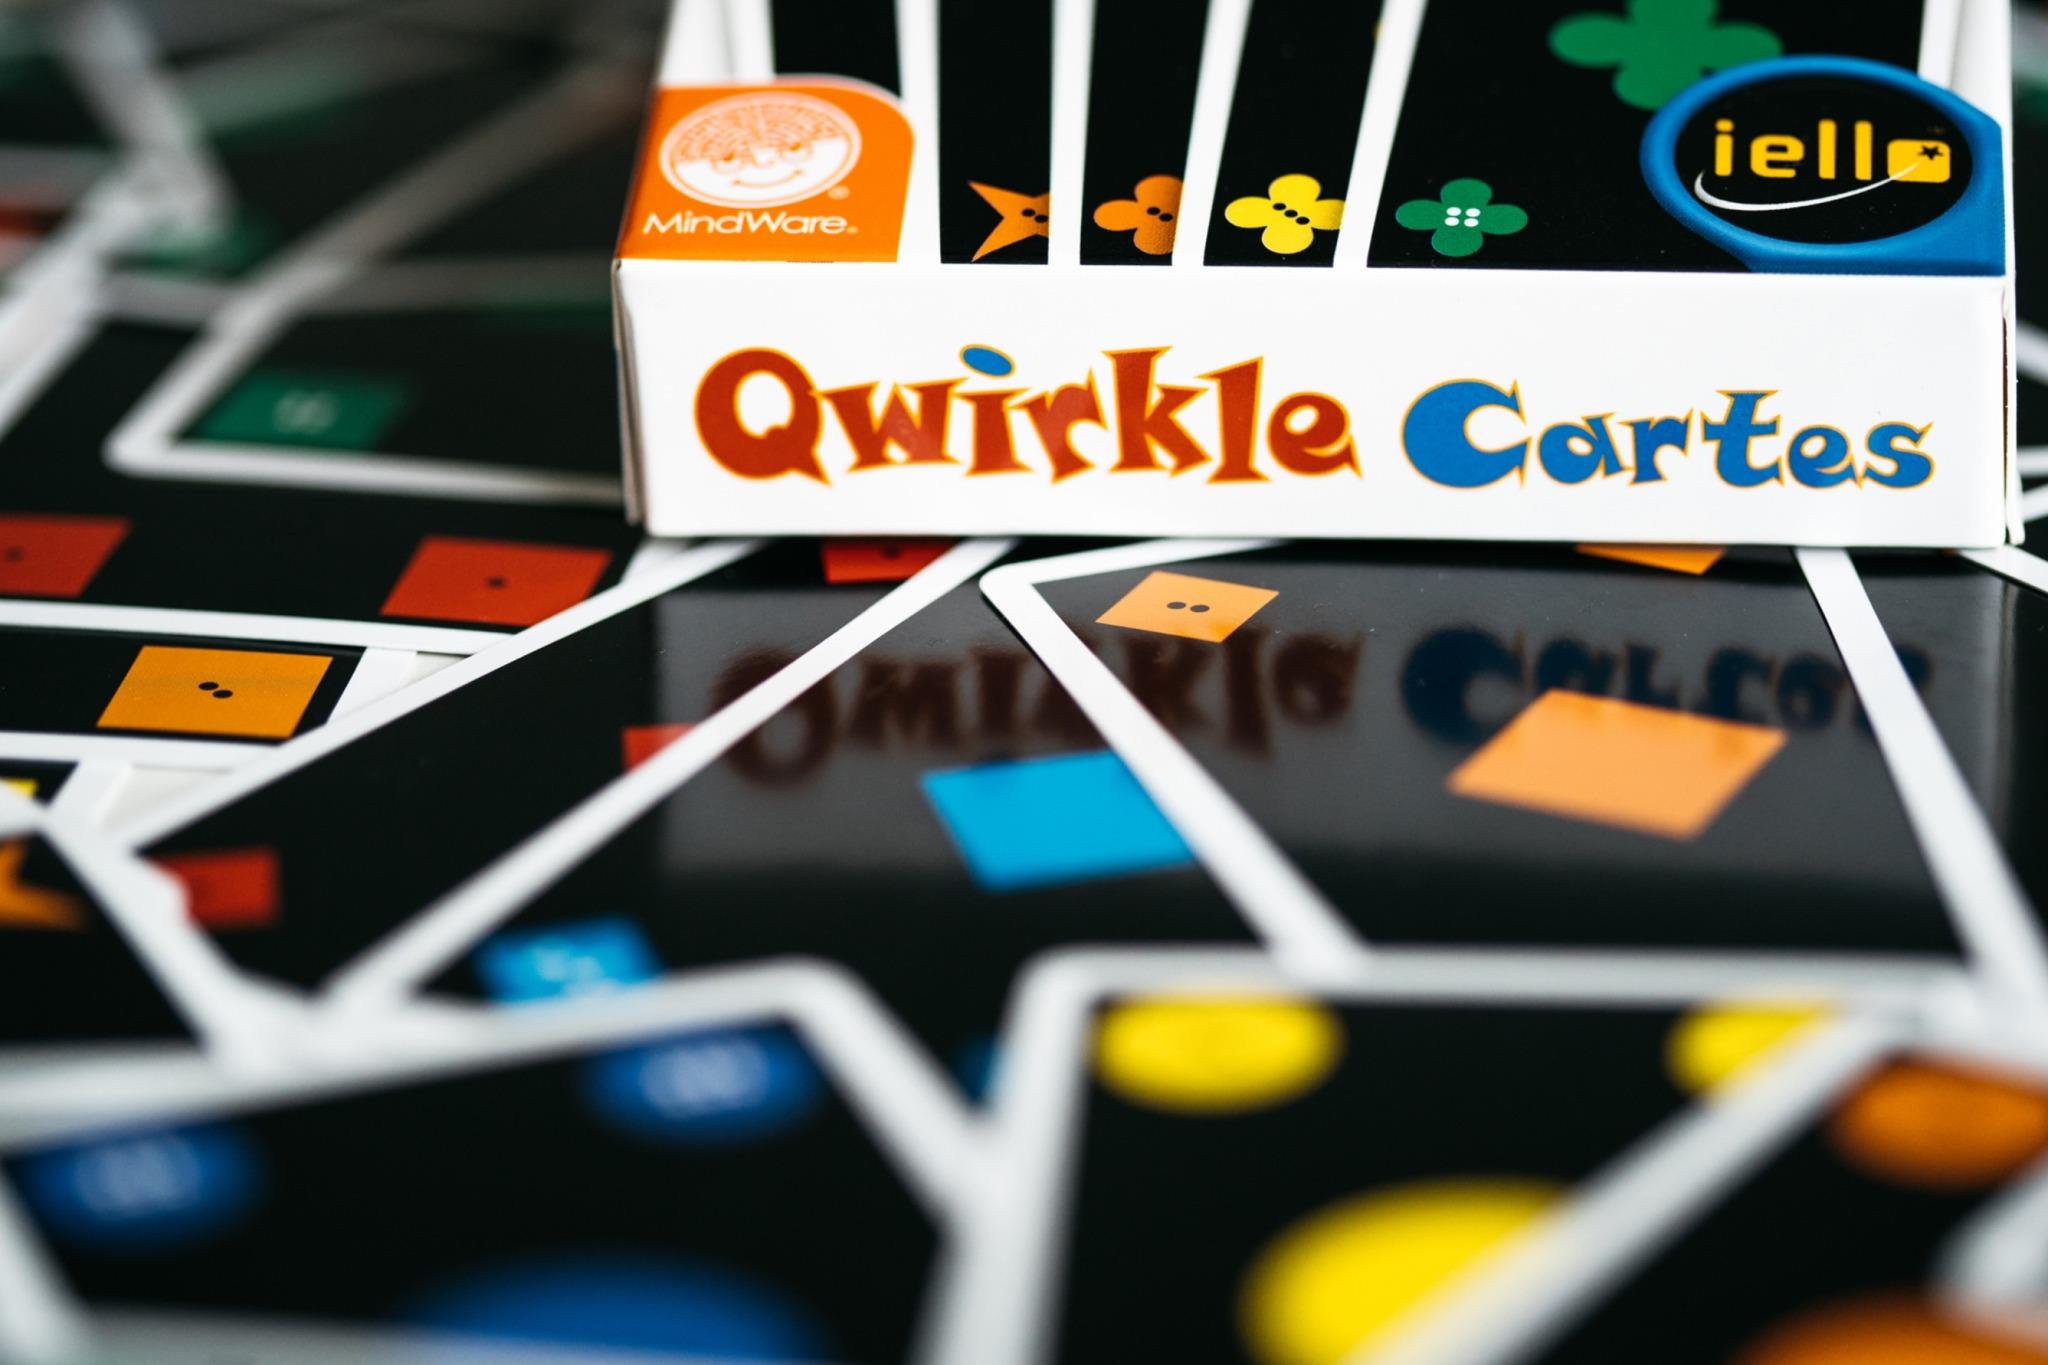 Qwirkle cartes iello jeu de société